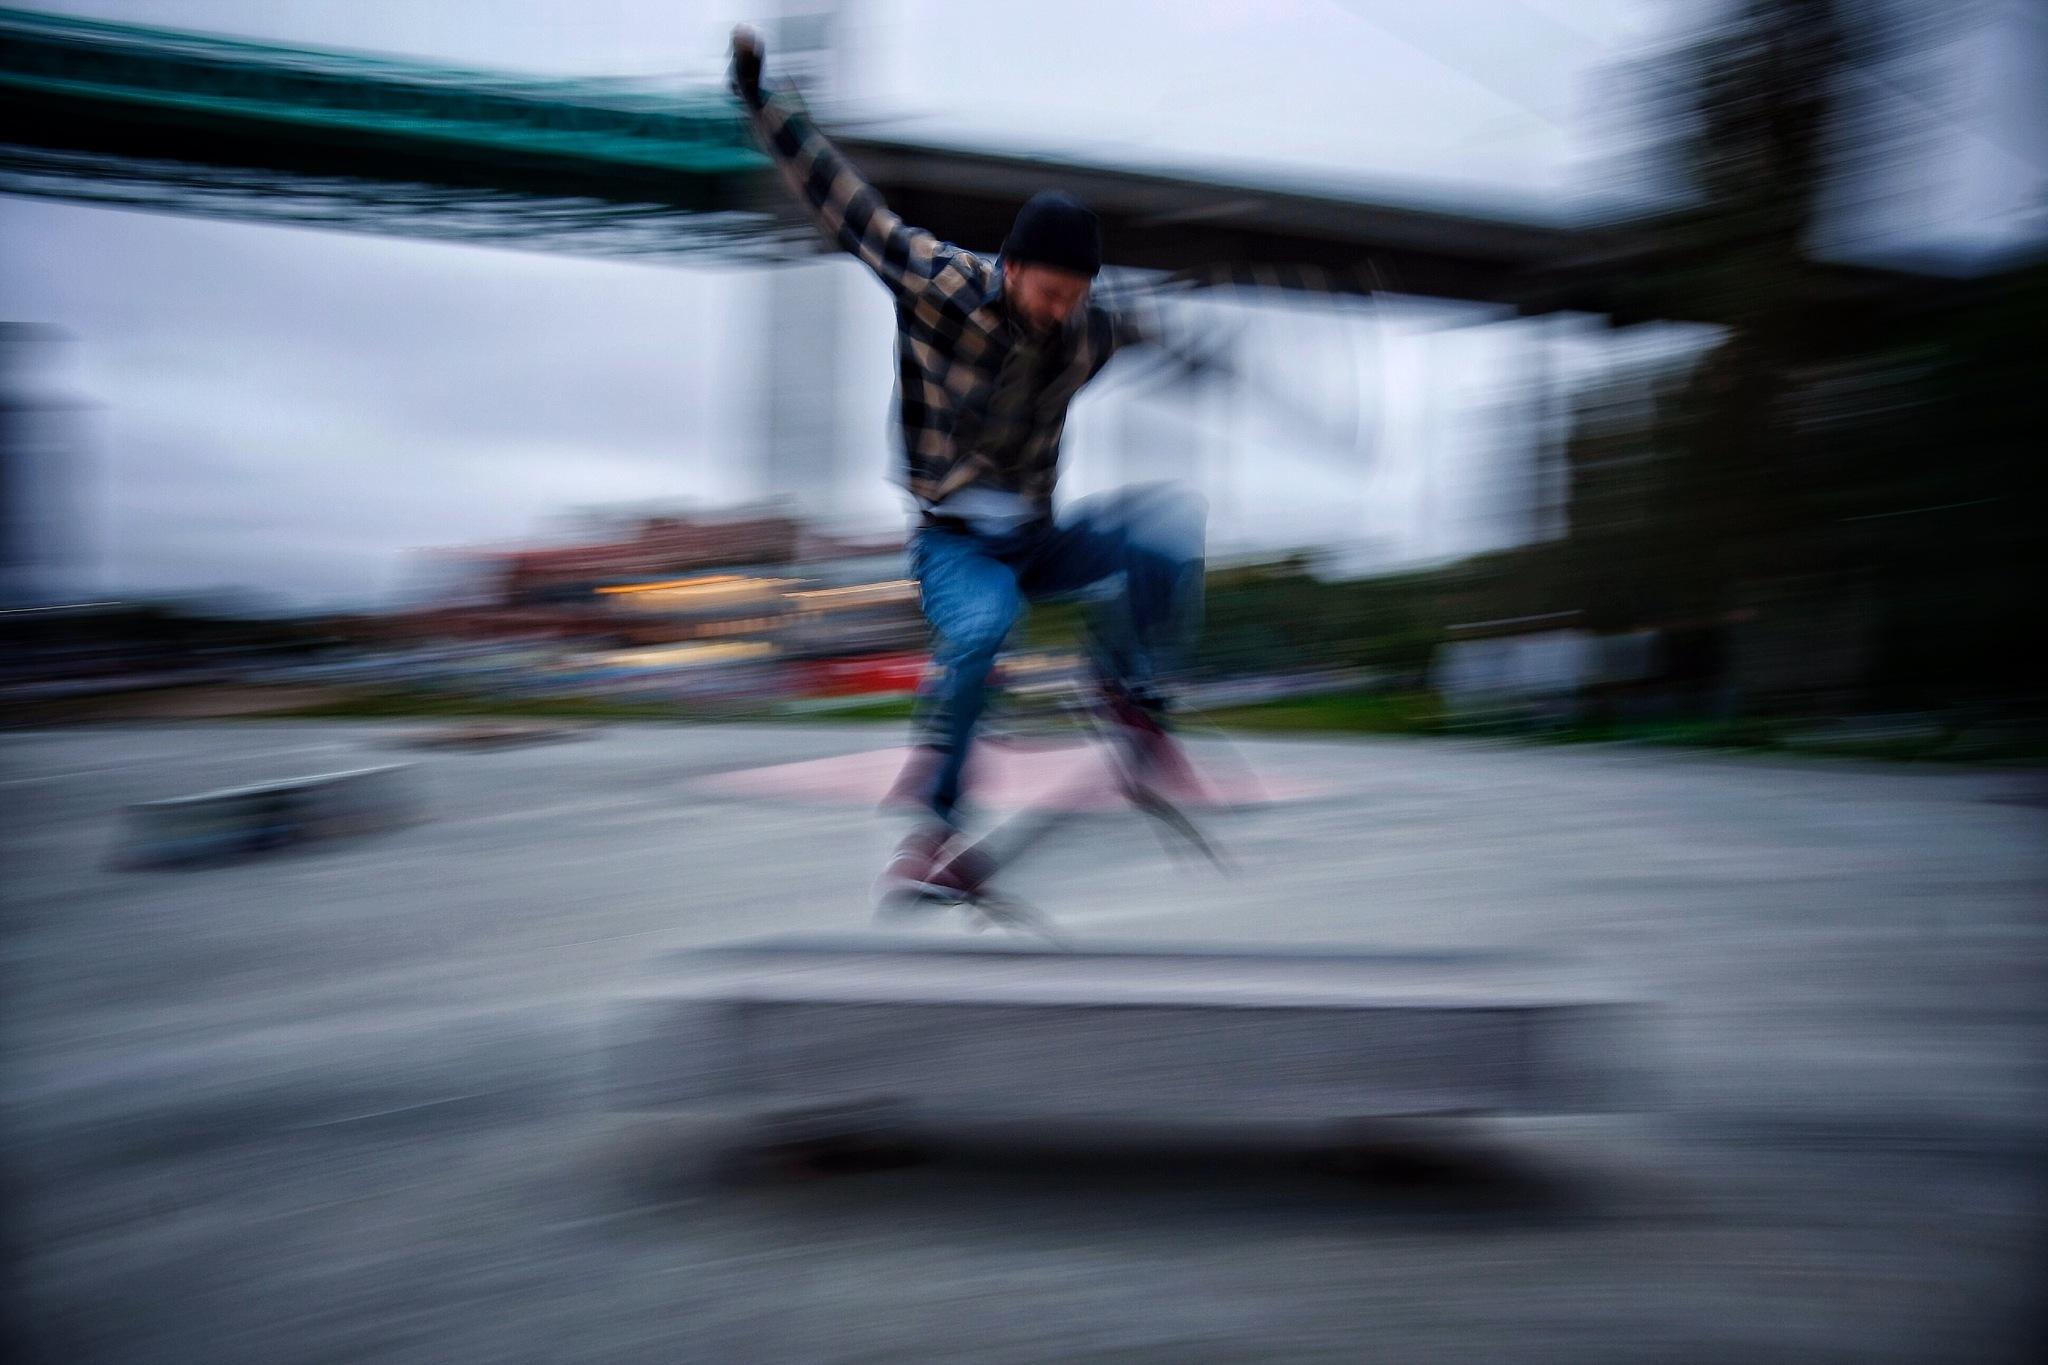 Skate by Anders